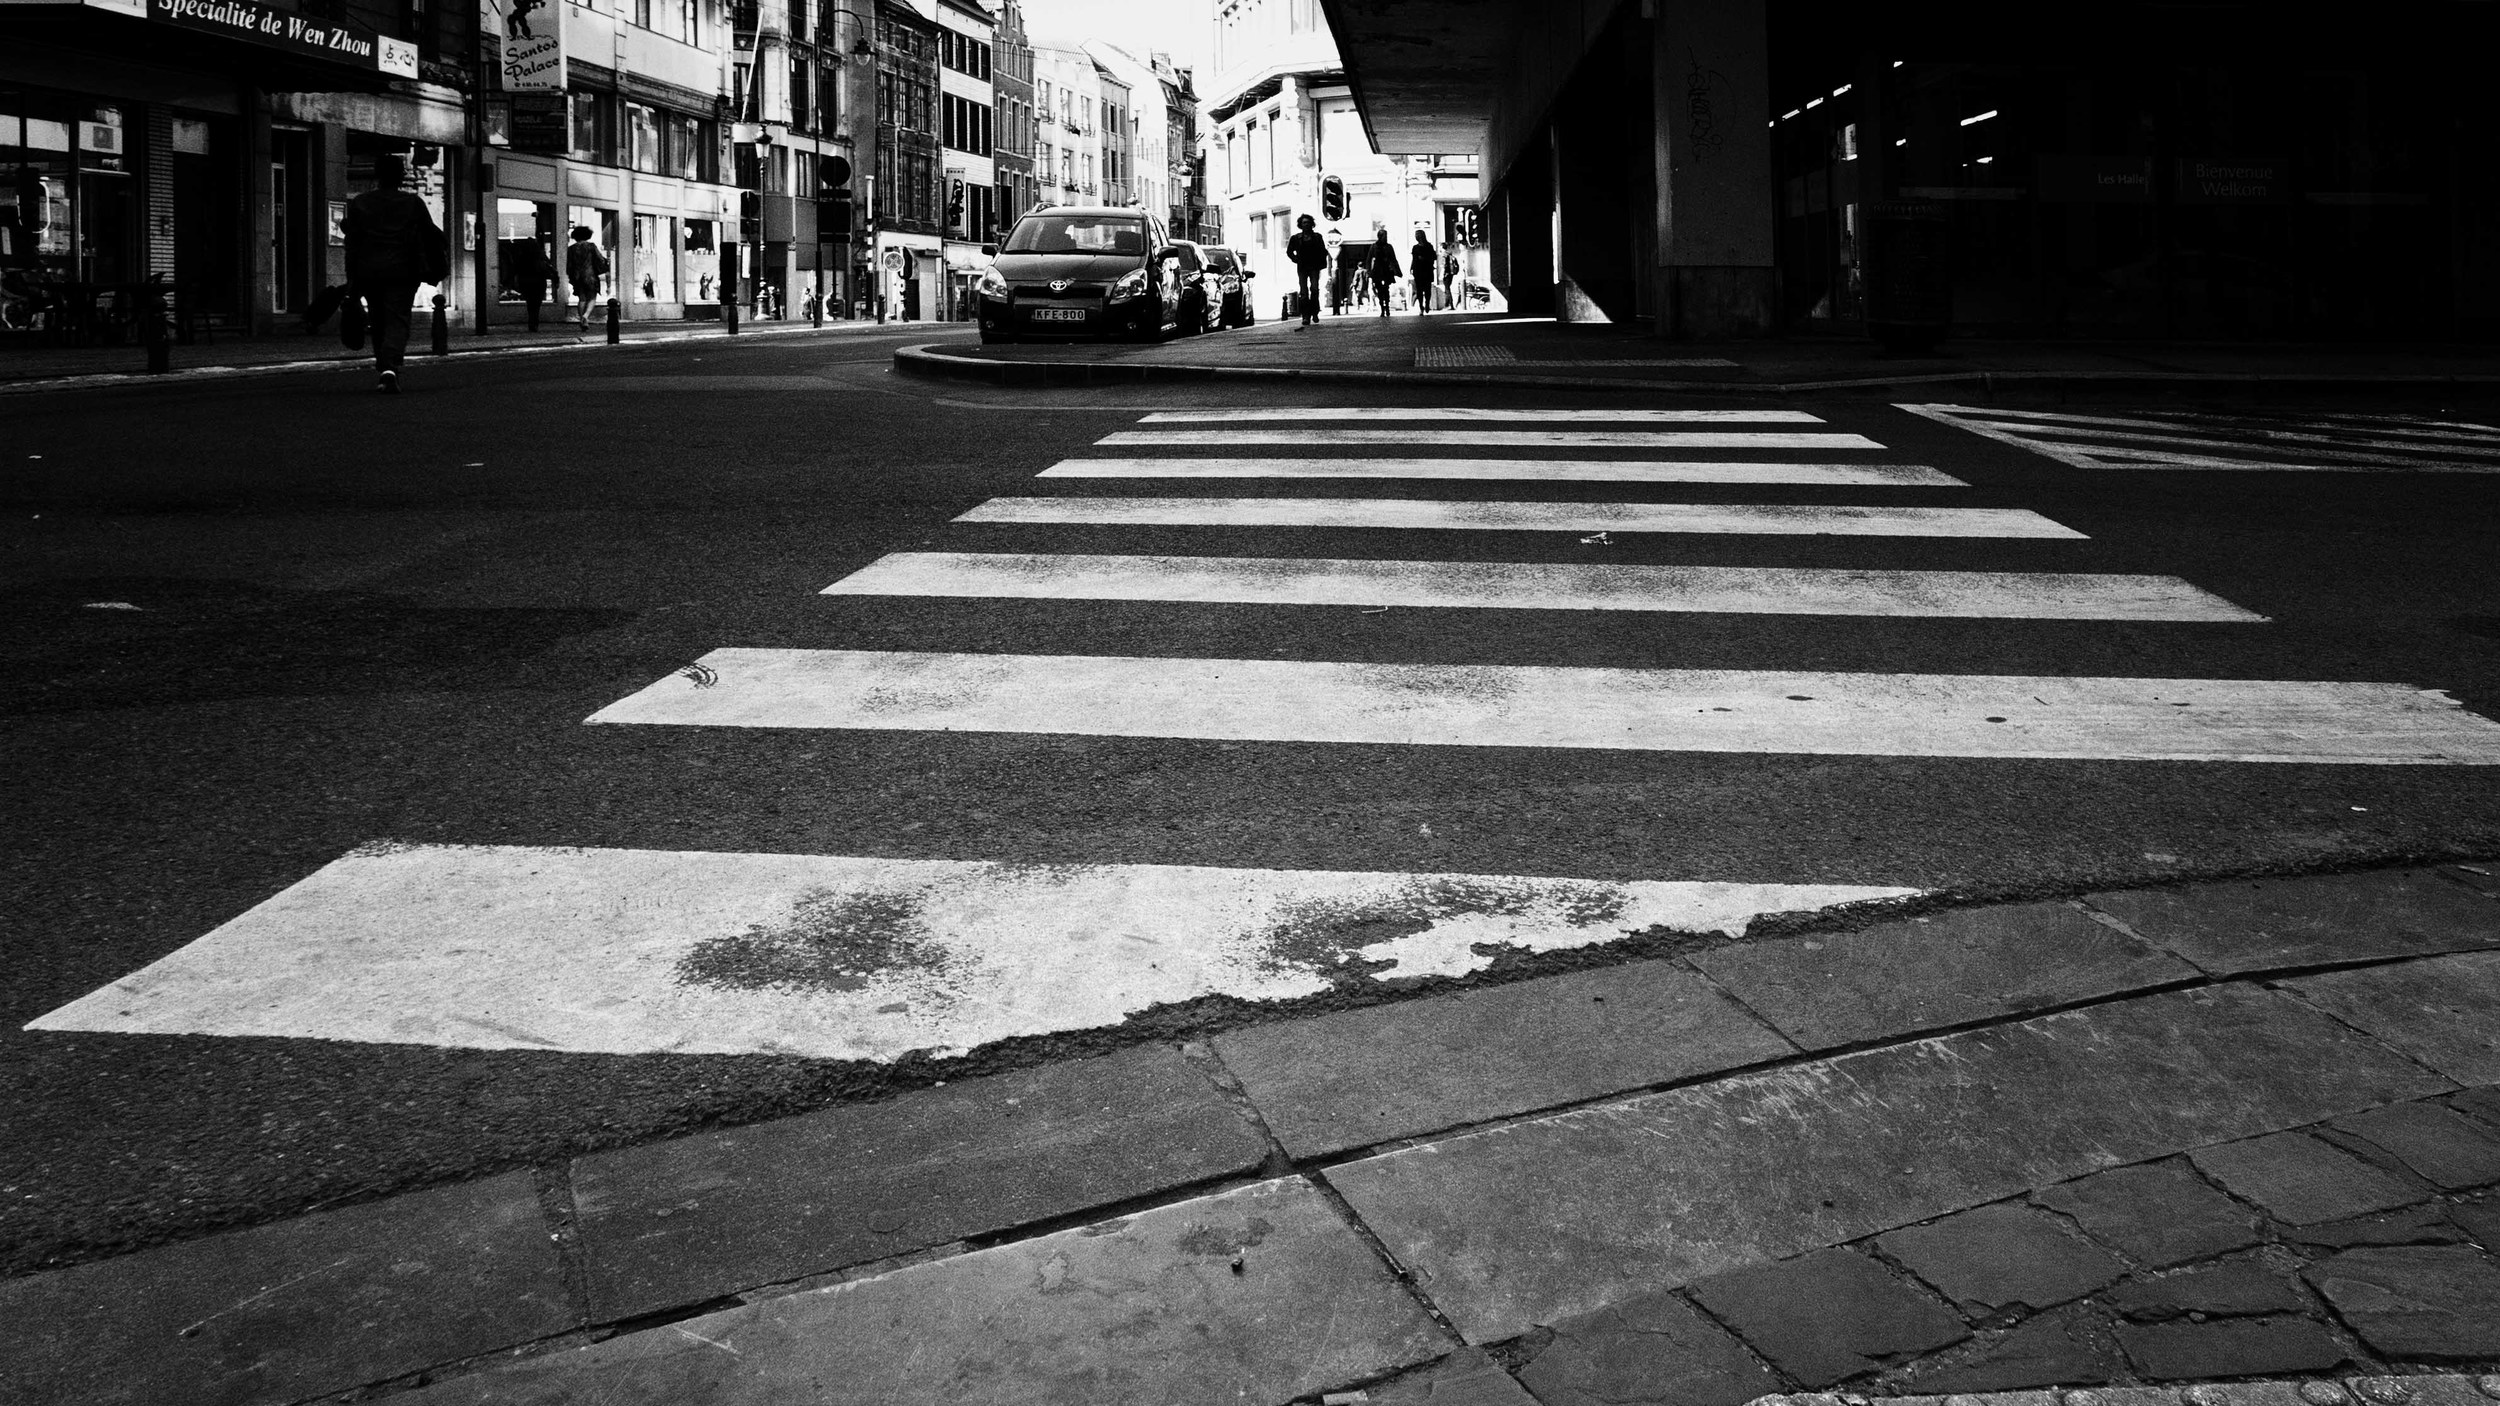 Viewfinder-straatfotografie-Brussel-eigenzinnige-fotografie-Anspachlaan-en-omgeving-ook-bij-kikvorsperscpetief-lukt-straatfotografie-in-Brussel